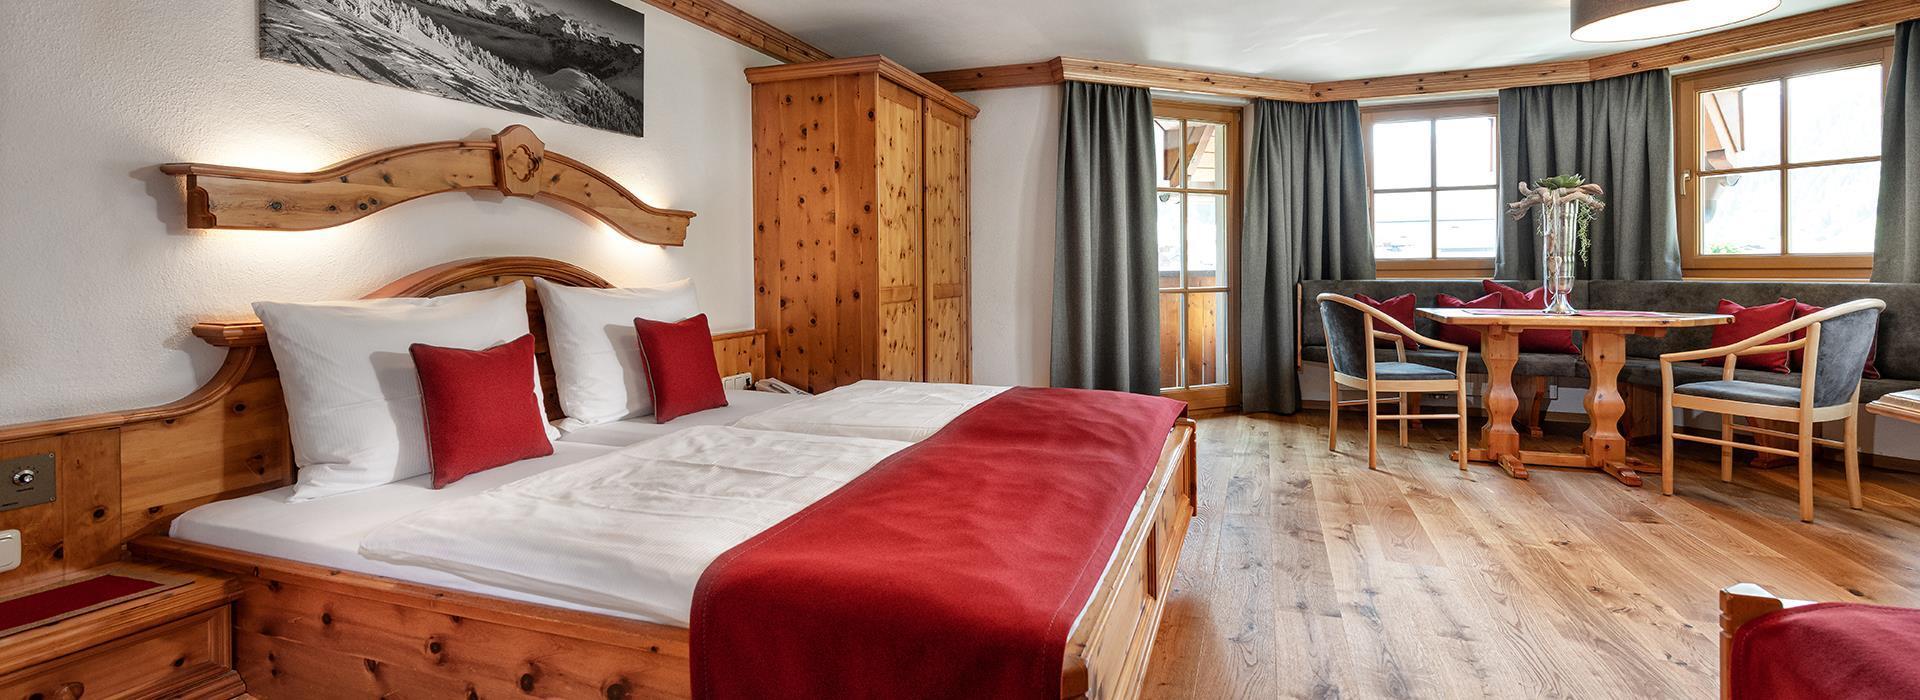 hotel_hubertushof, Großarl